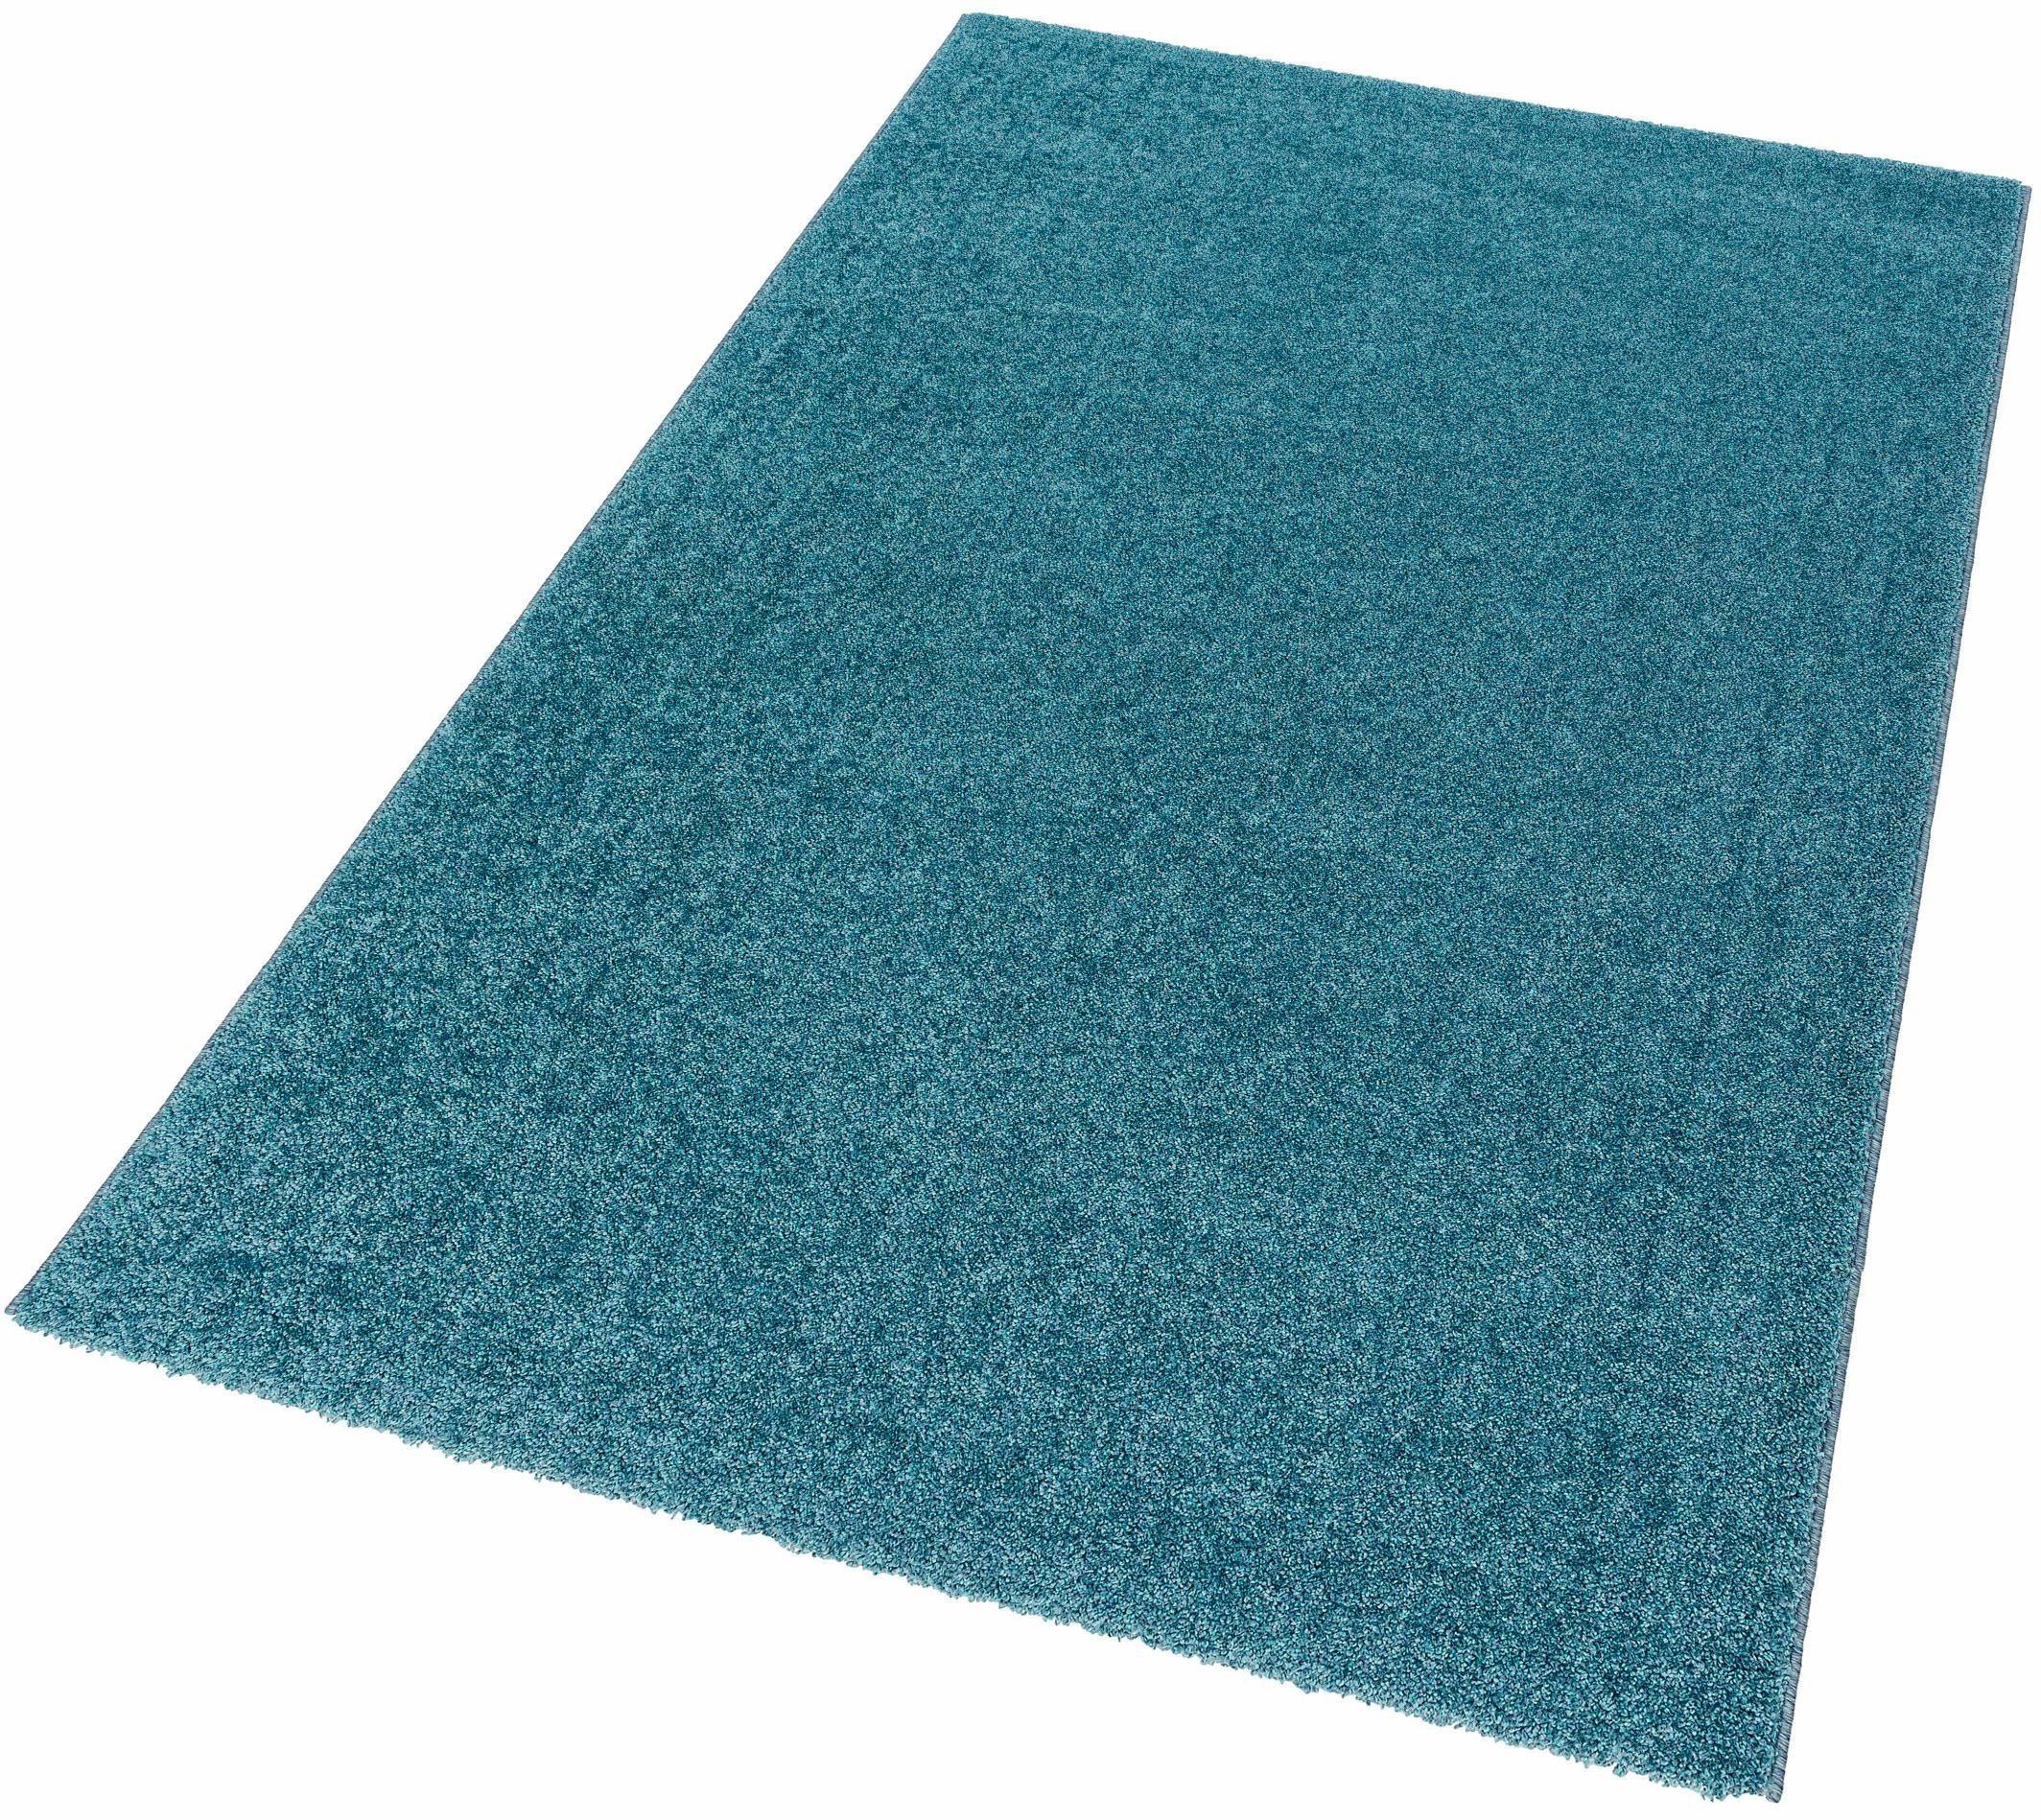 hochflor teppich riva astra rechteckig h he 25 mm blau online kaufen bei woonio. Black Bedroom Furniture Sets. Home Design Ideas